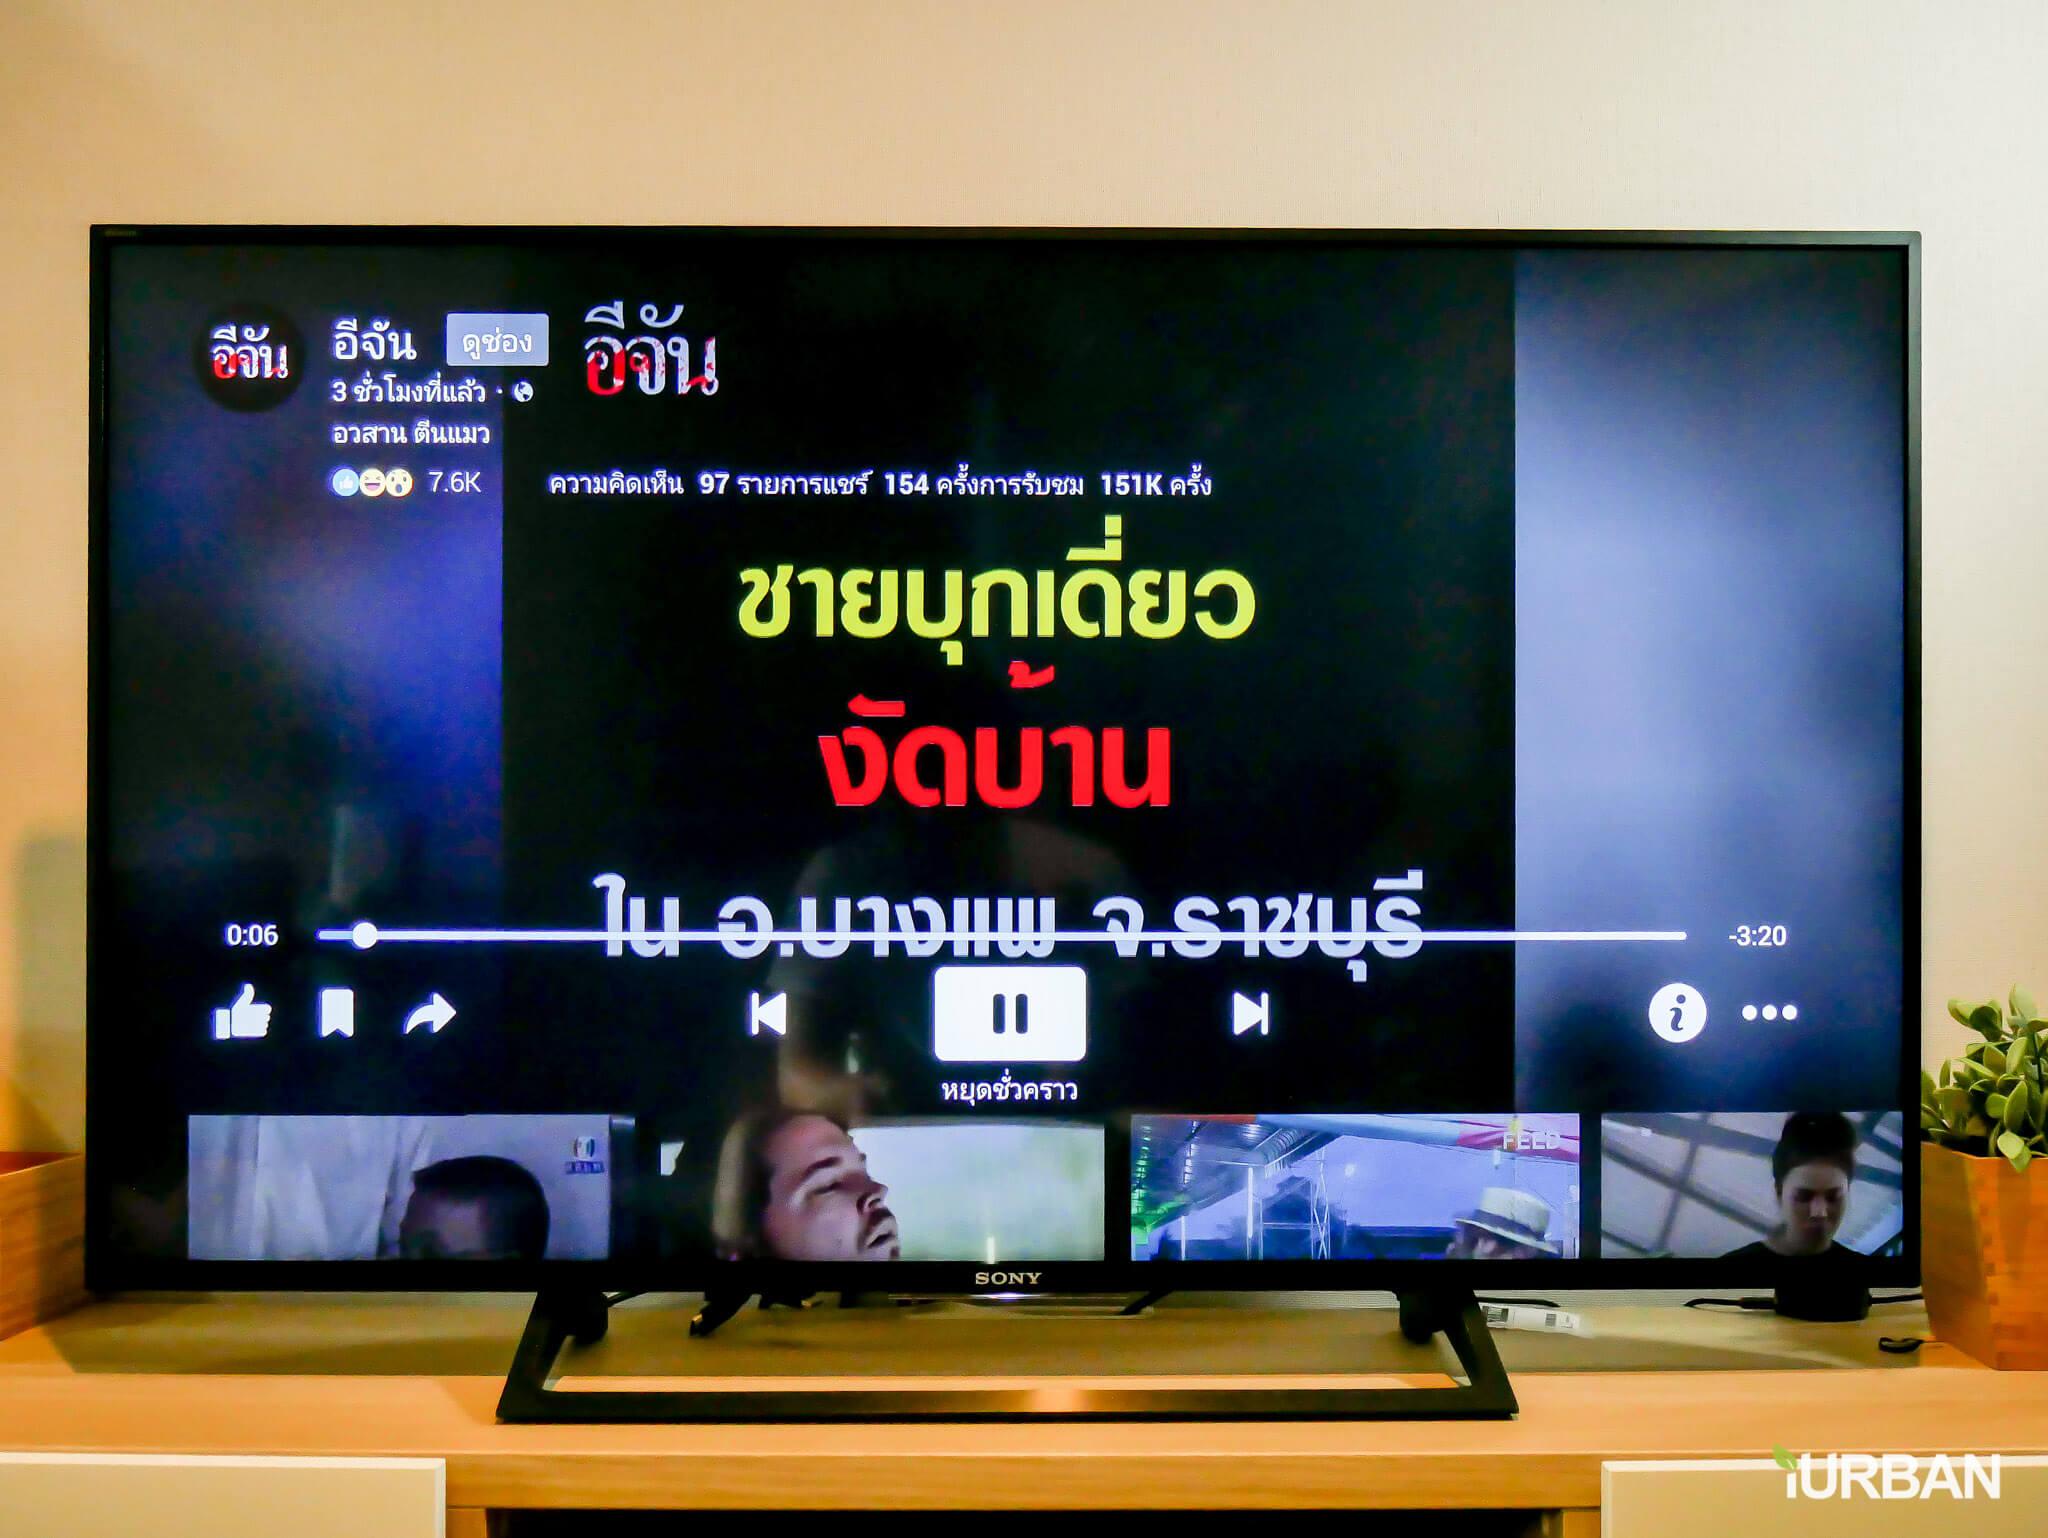 รีวิว SONY Android TV รุ่น X8000E งบ 26,990 แต่สเปค 4K HDR เชื่อมโลก Social กับทีวีอย่างสมบูรณ์แบบ 62 - Android